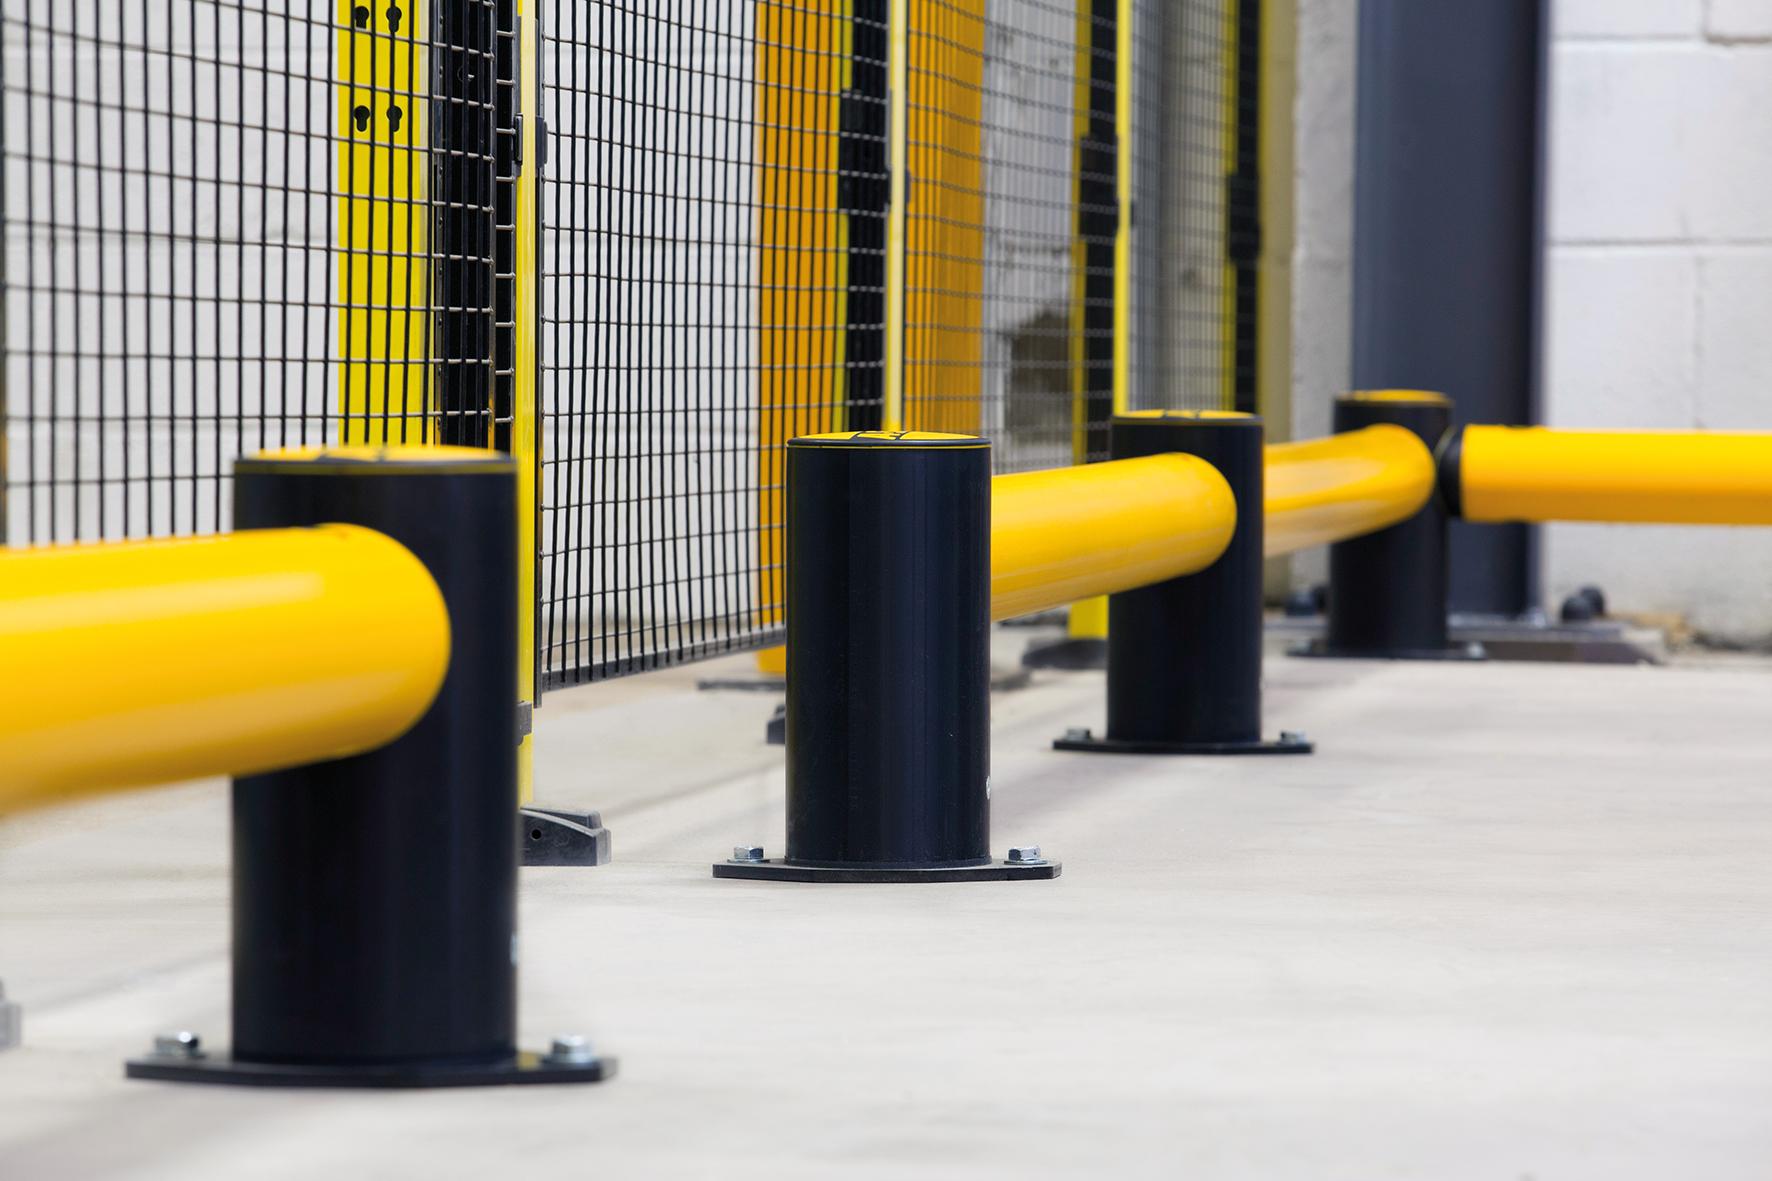 Bariery stalowe, a bariery elastyczne – które wybrać? - Zdjęcie główne